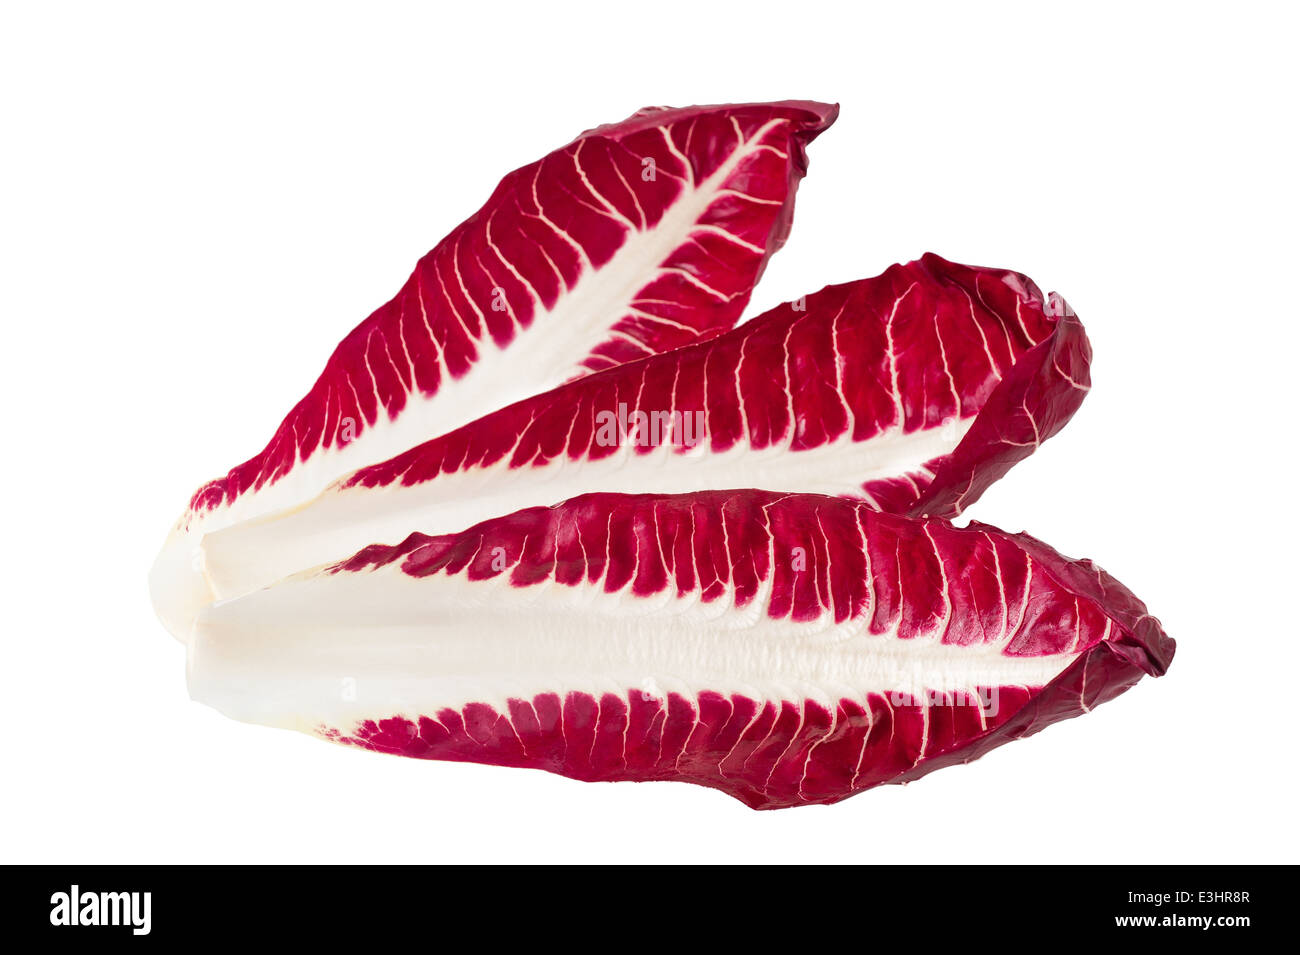 Les feuilles de chicorée rouge isolated on white Banque D'Images